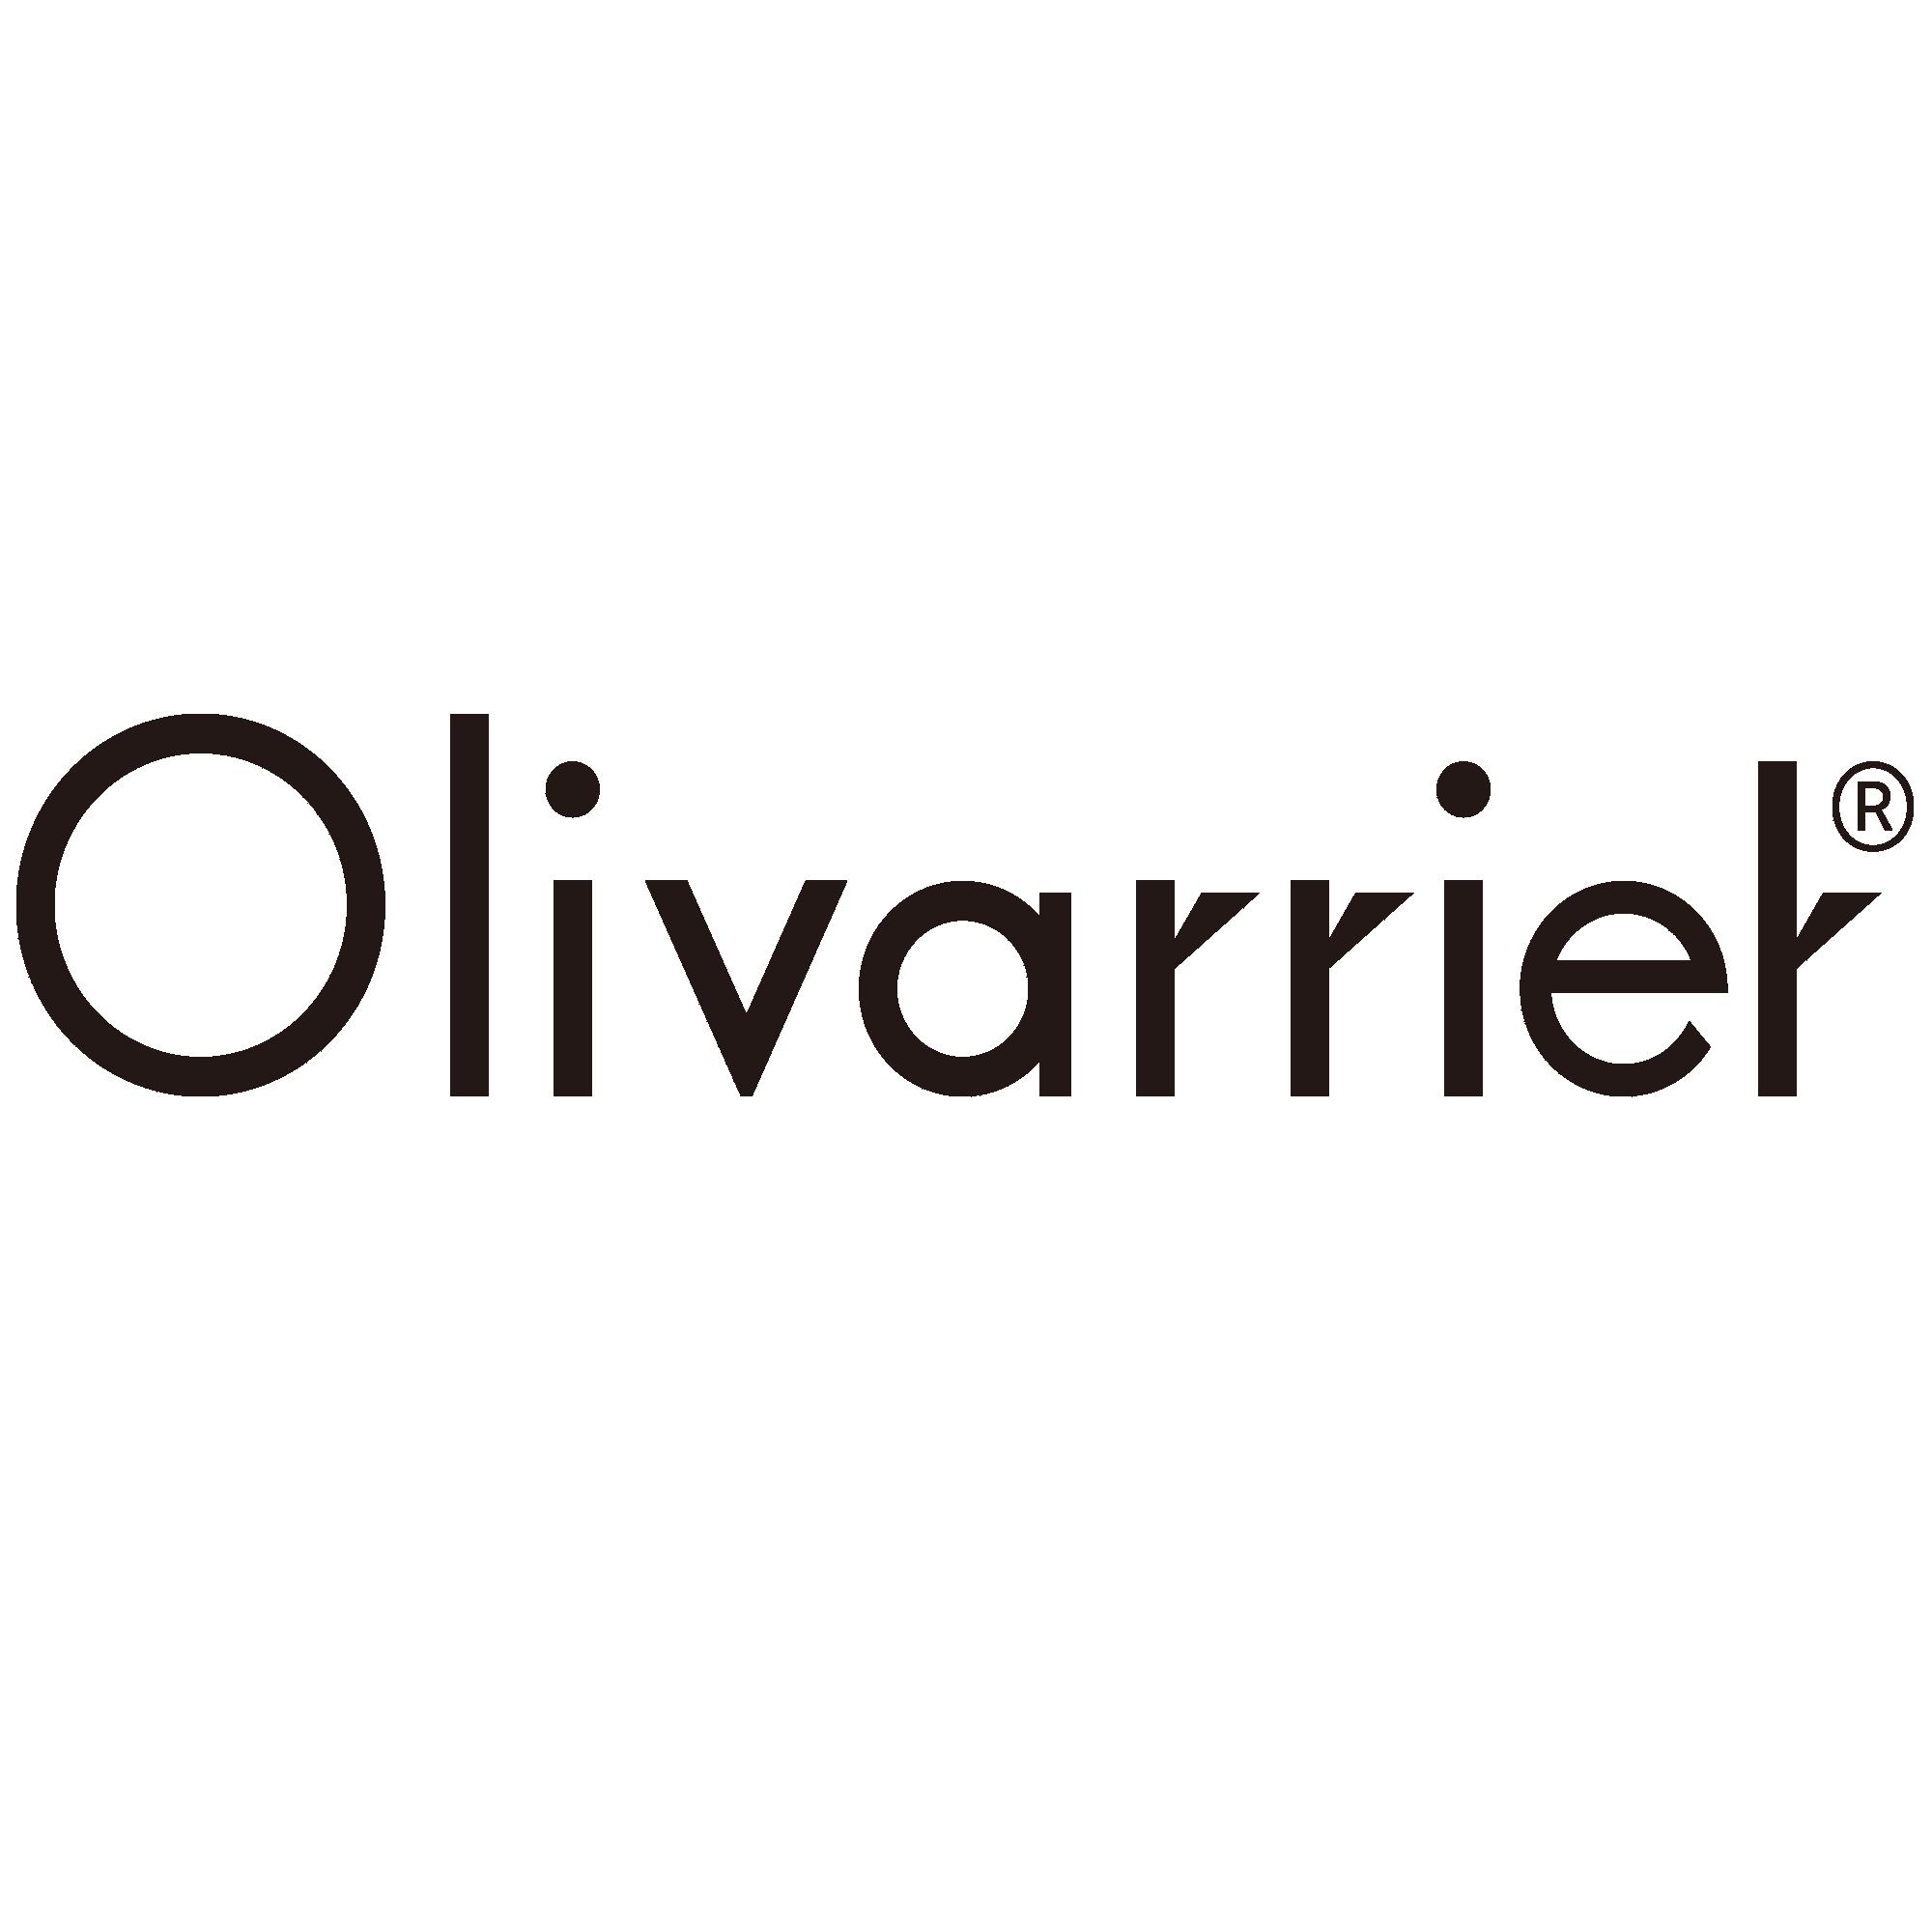 Olivarrier